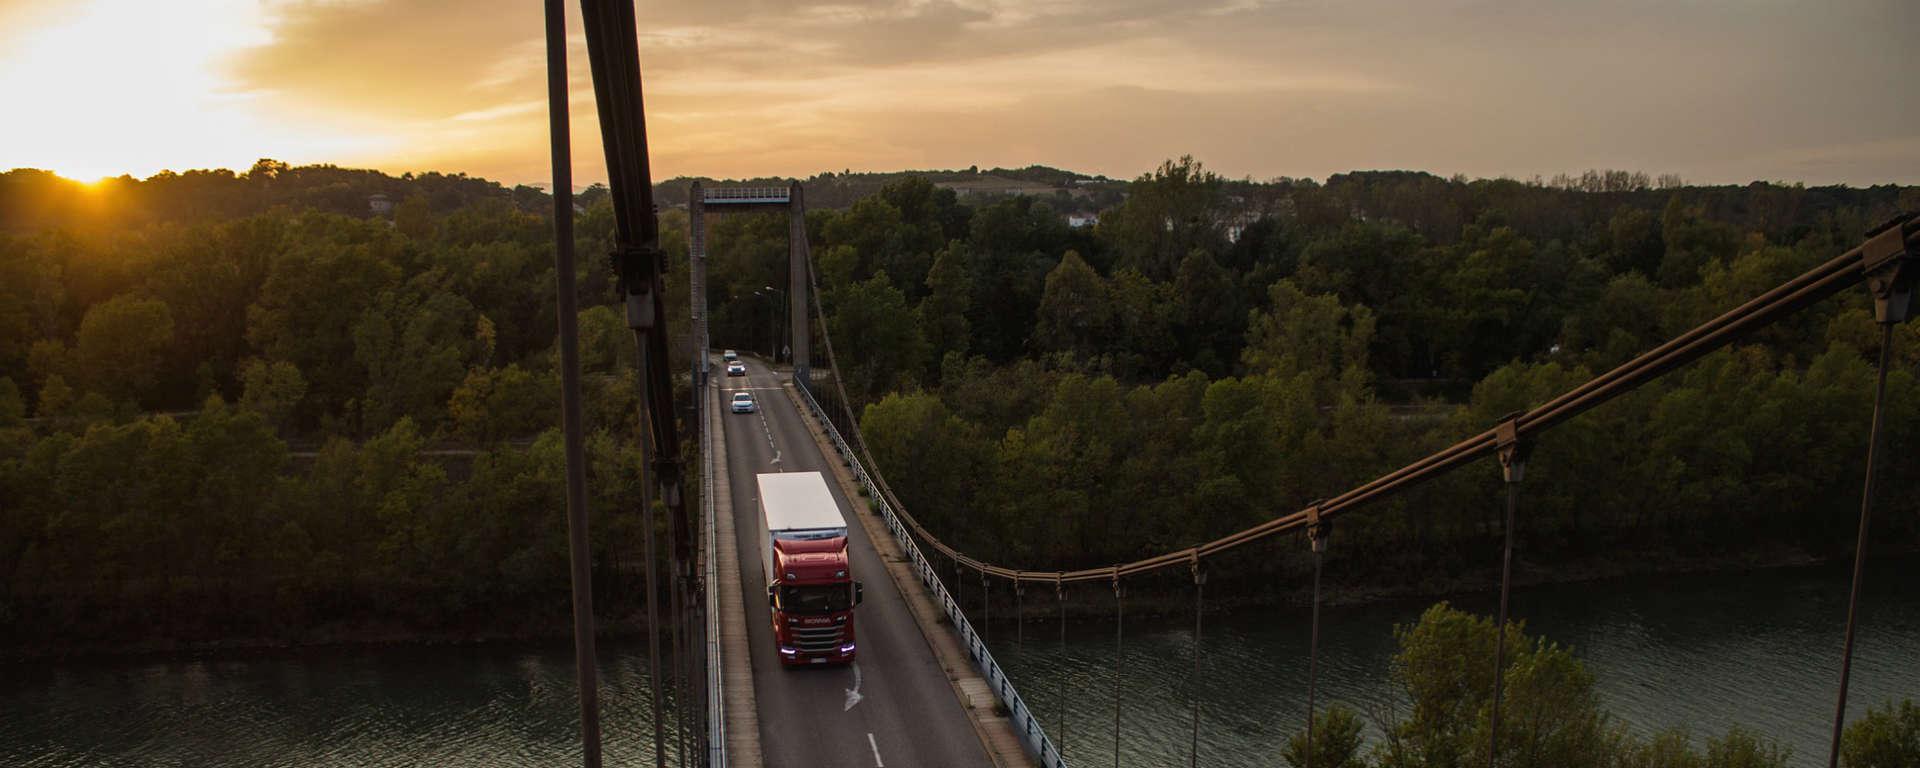 Transports, vallée du Rhône